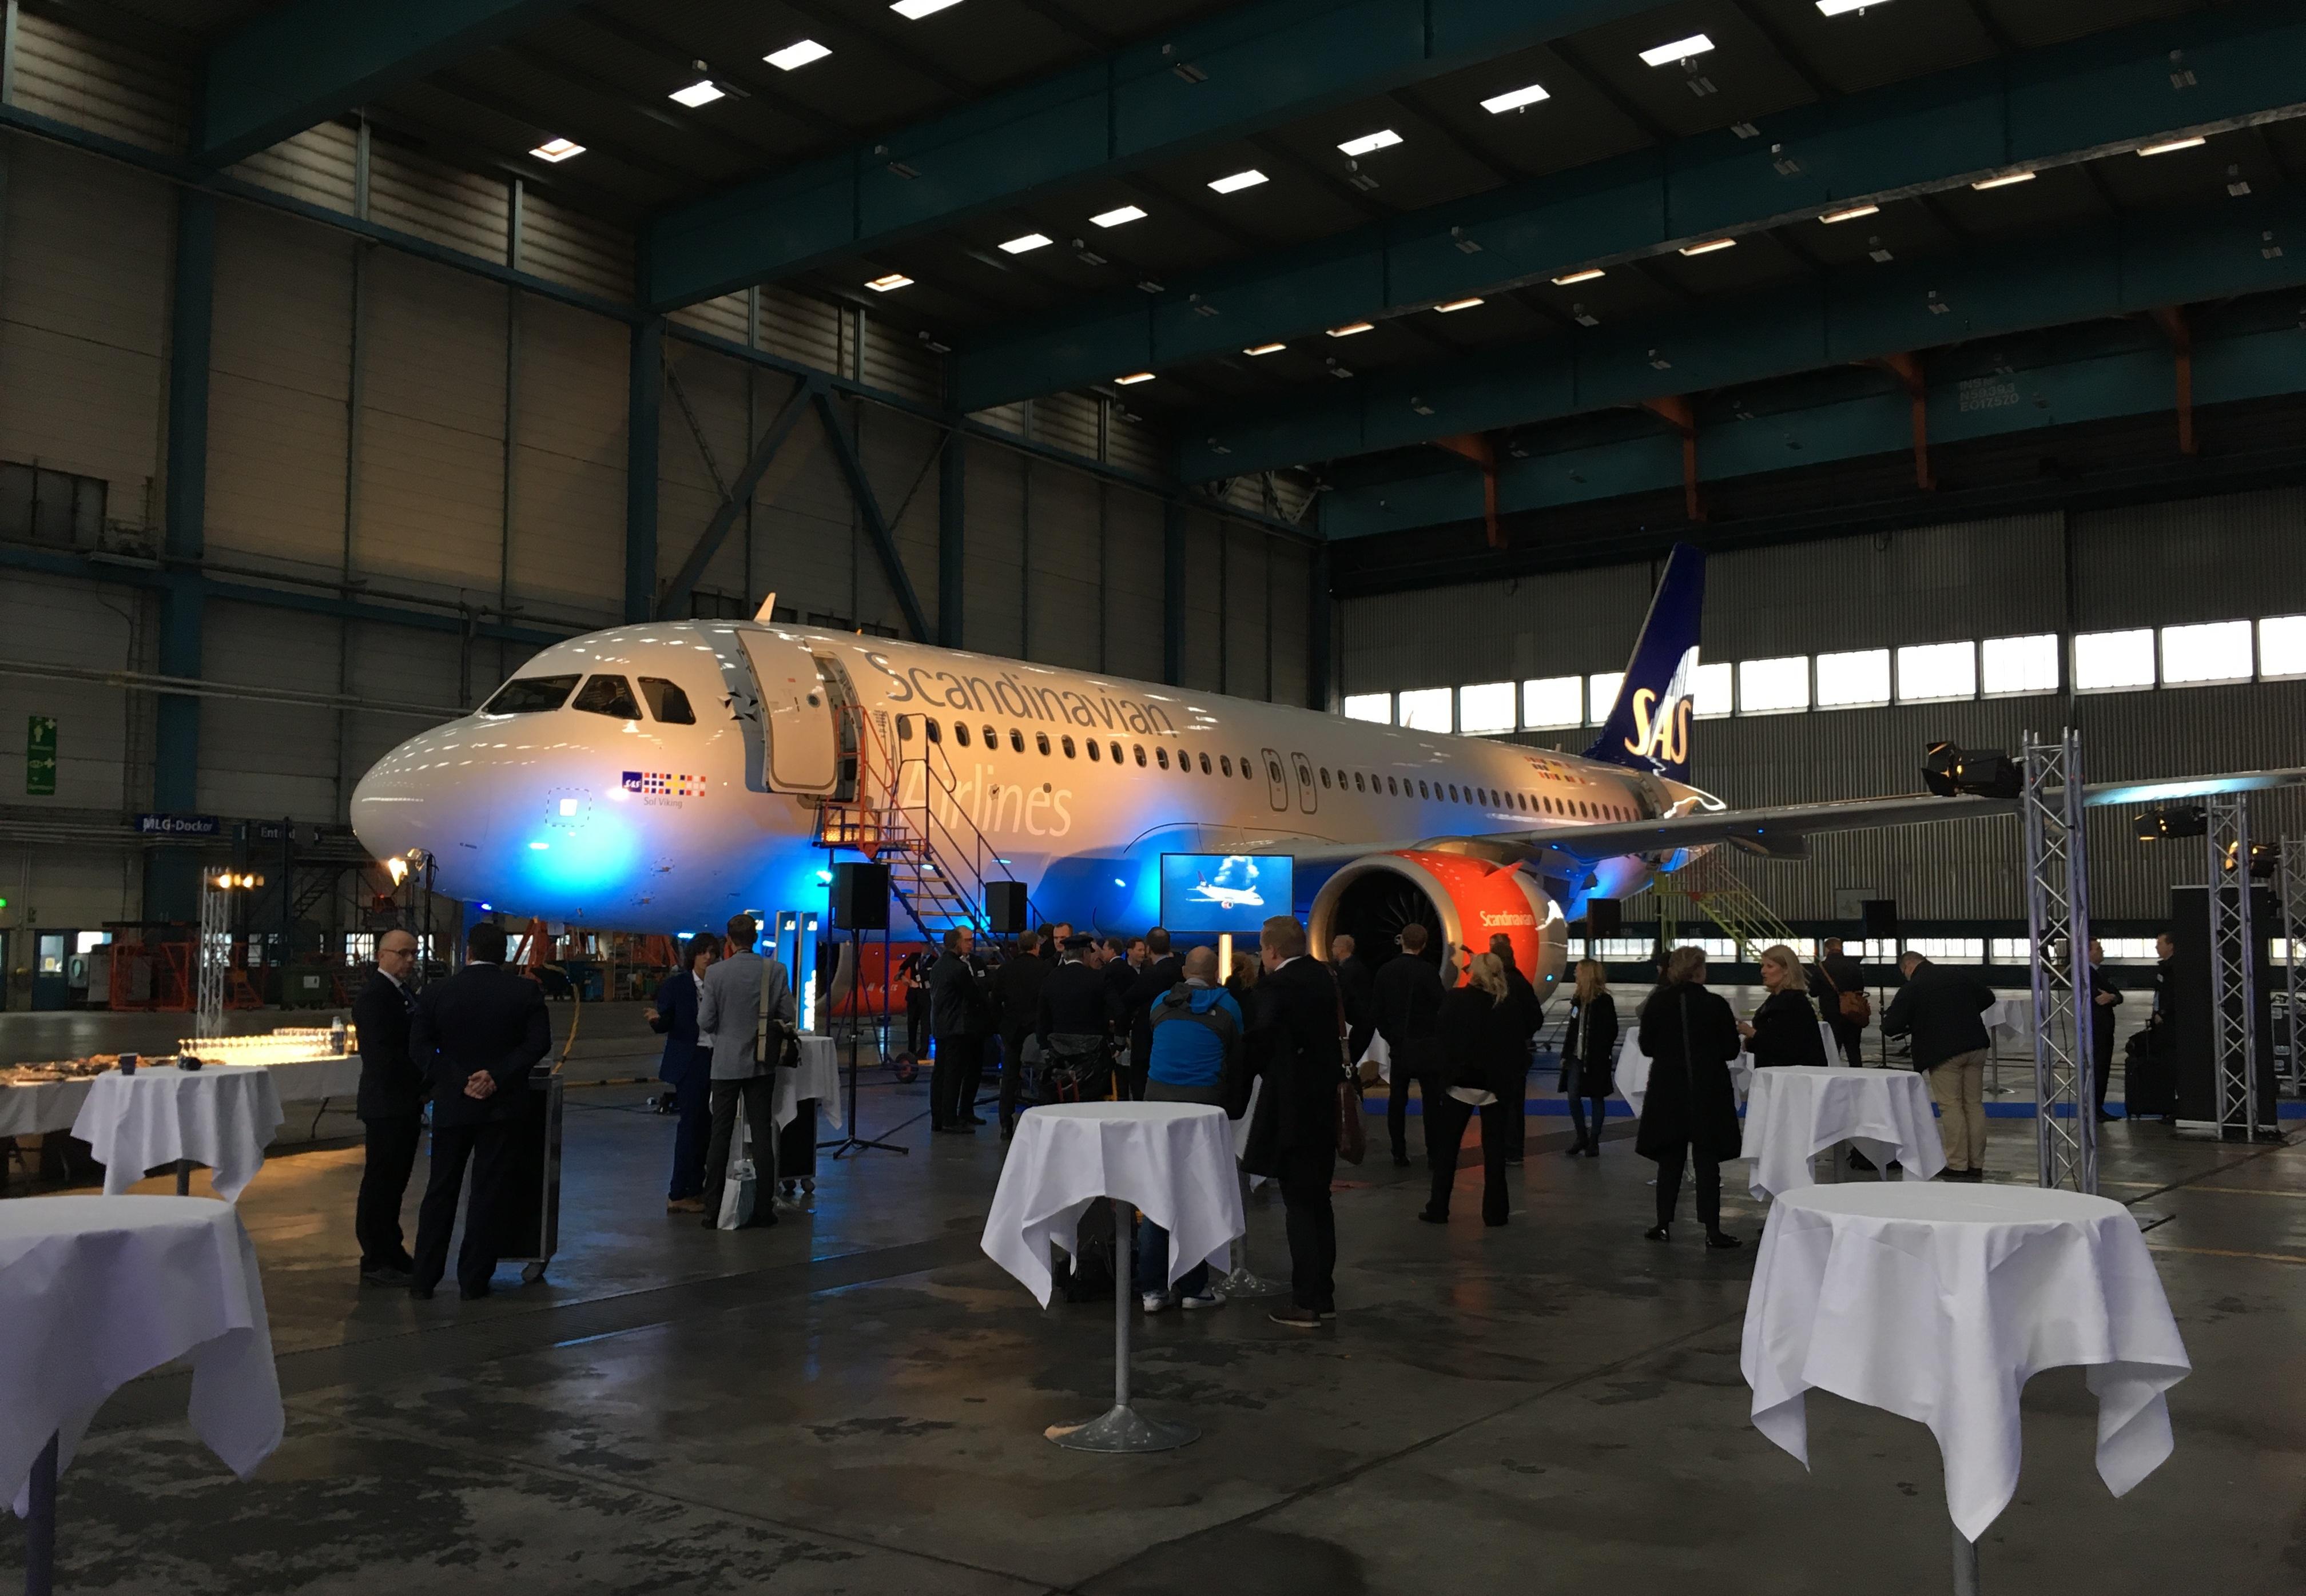 Første A320neo i SAS-flåden blev præsenteret i en hangar i Stockholm. (Foto: Morten Lund Tiirikainen)